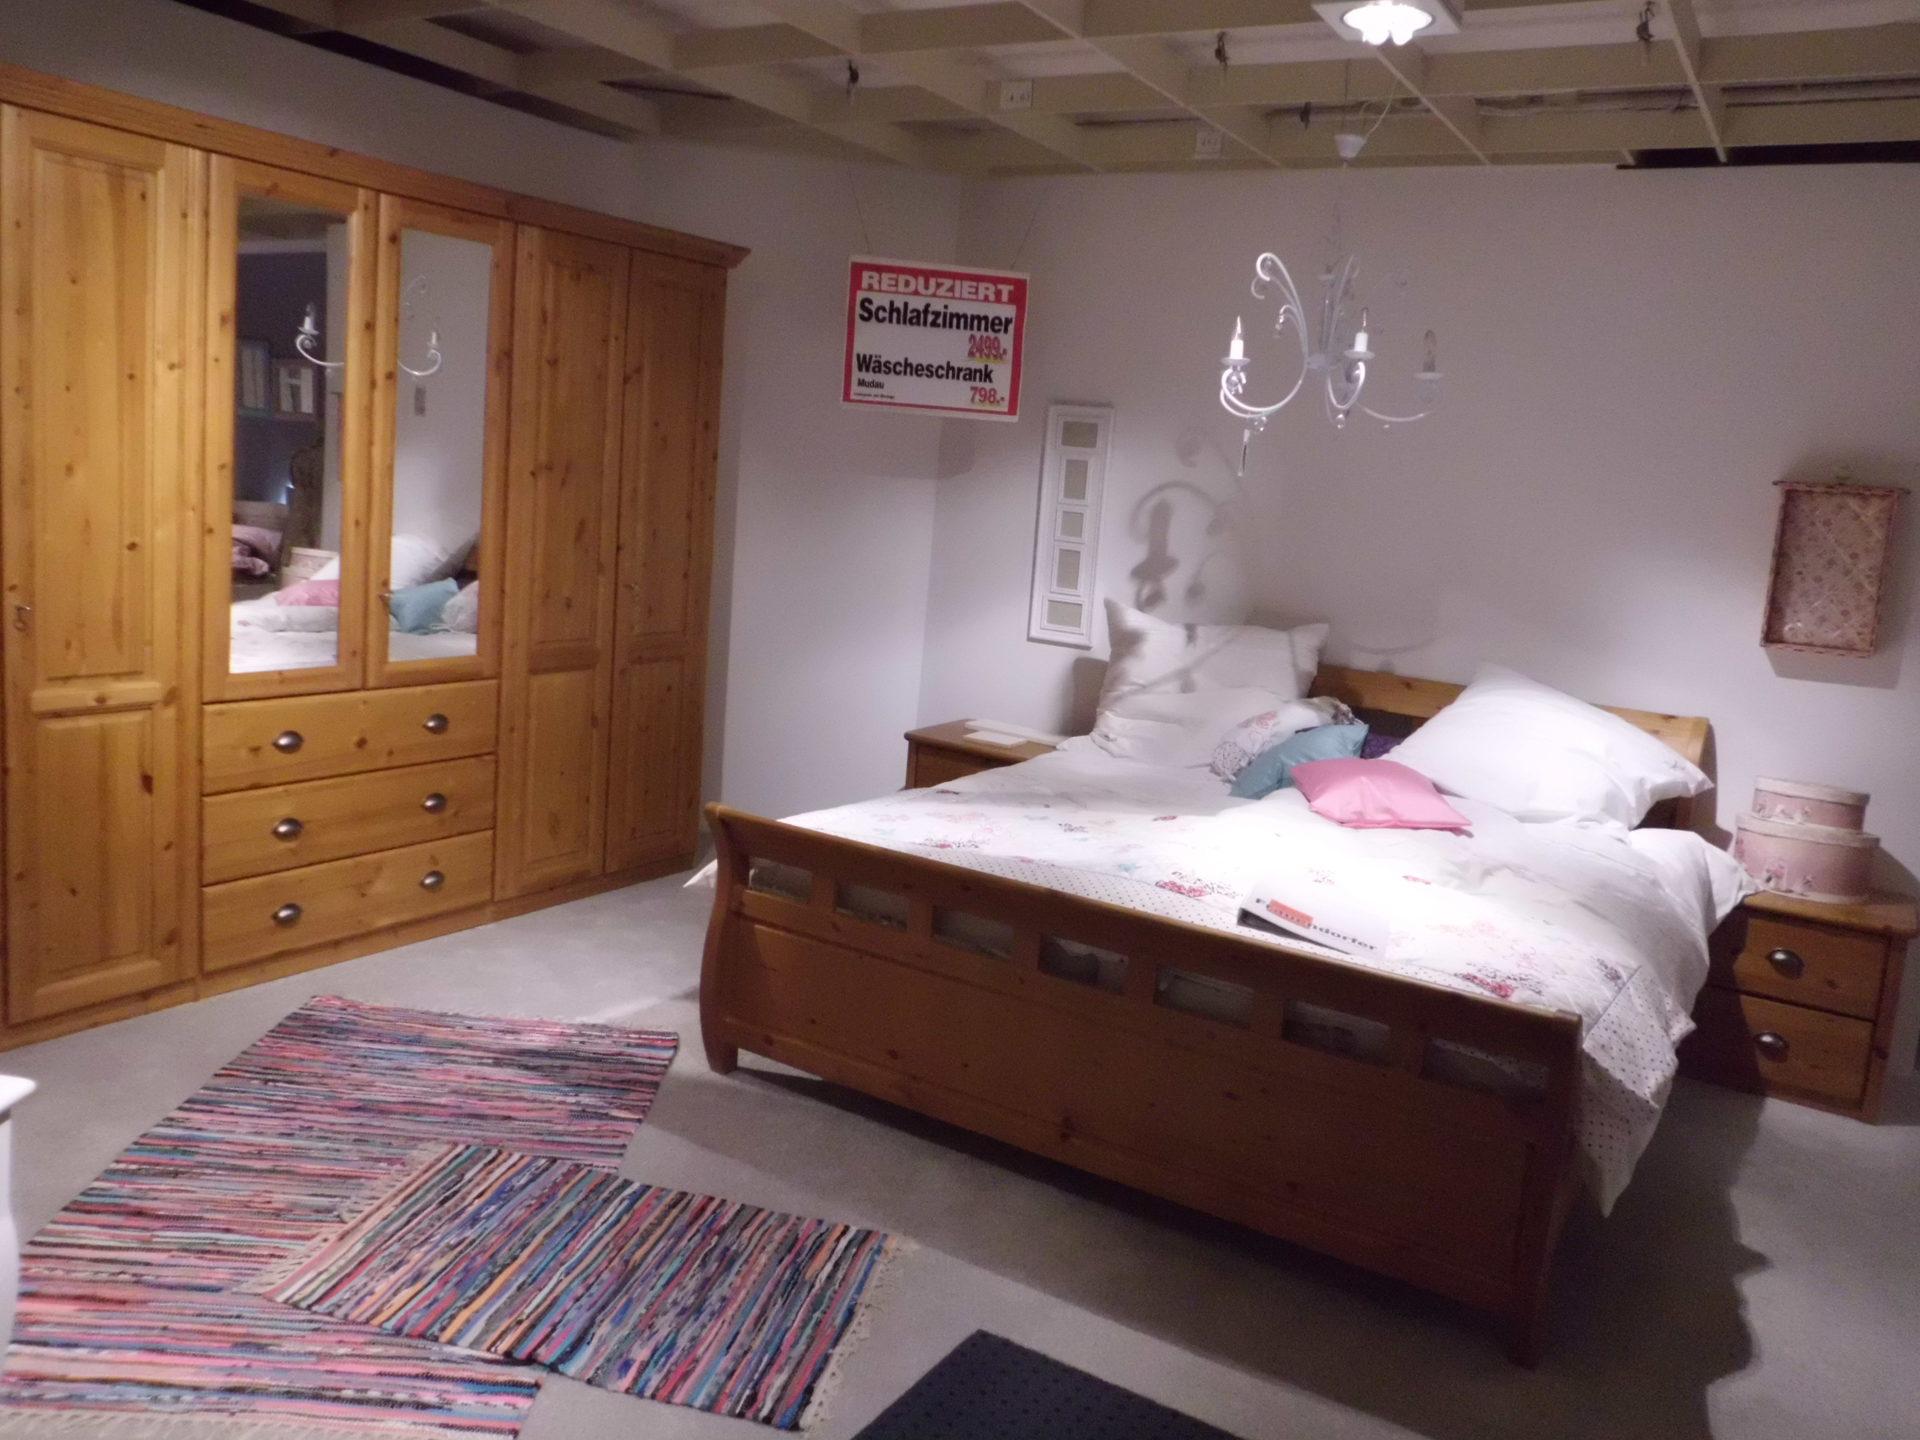 Möbel Frauendorfer Amberg, ABVERKAUF, Schlafen, Schlafzimmer ...